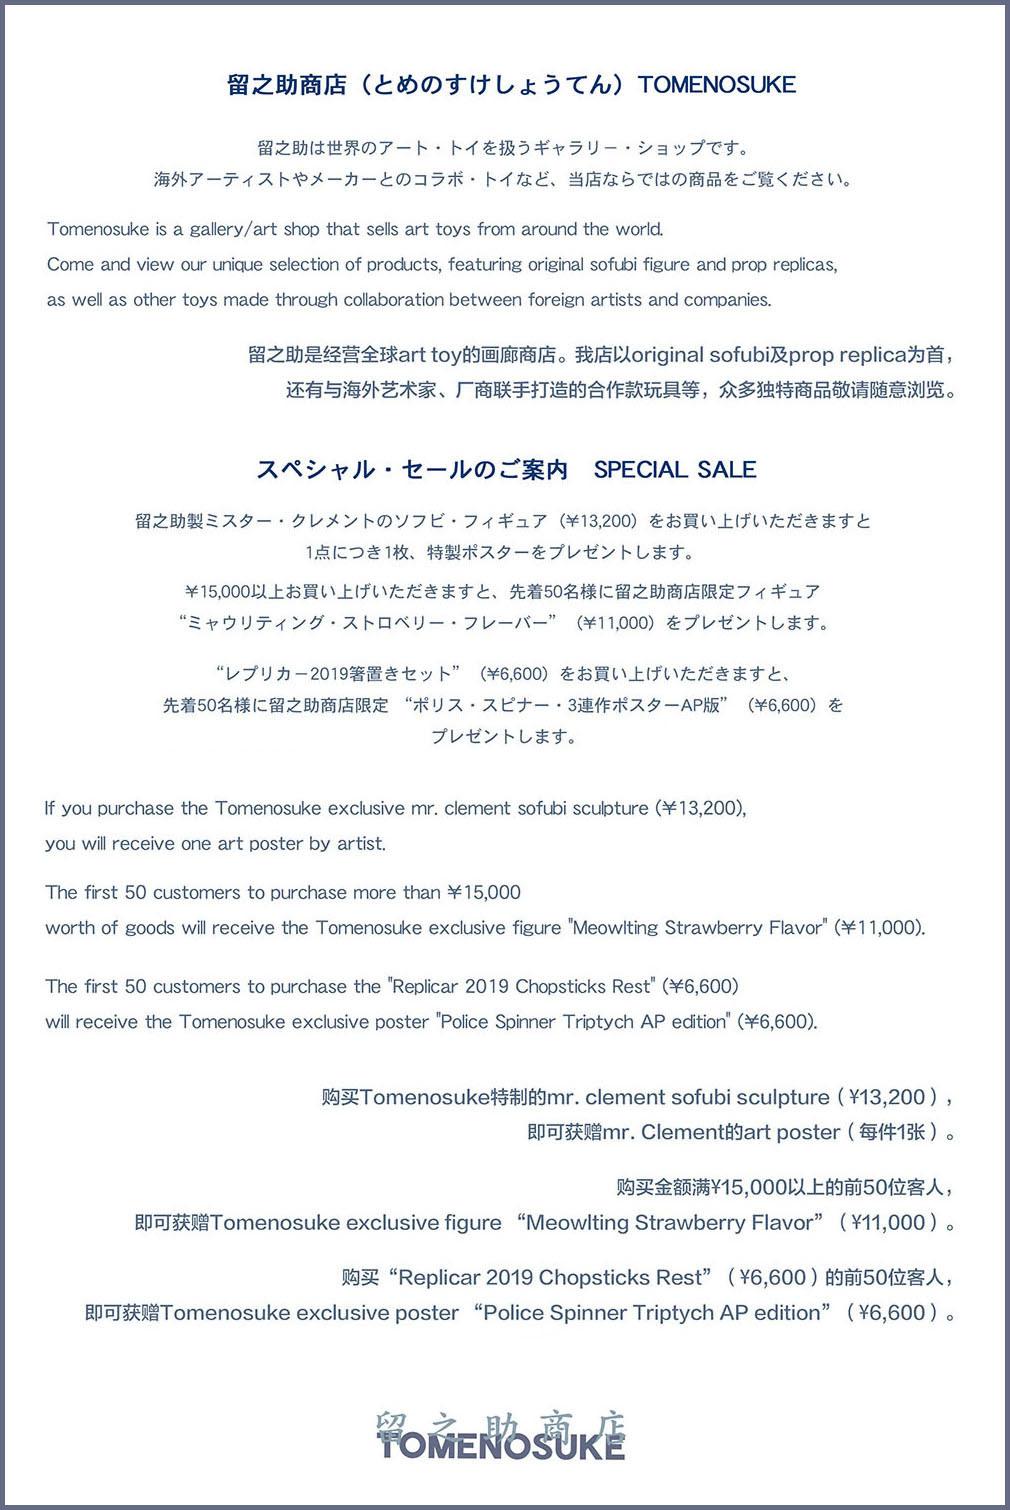 東京コミコン用に、こんなサインを作りました_a0077842_16545344.jpg